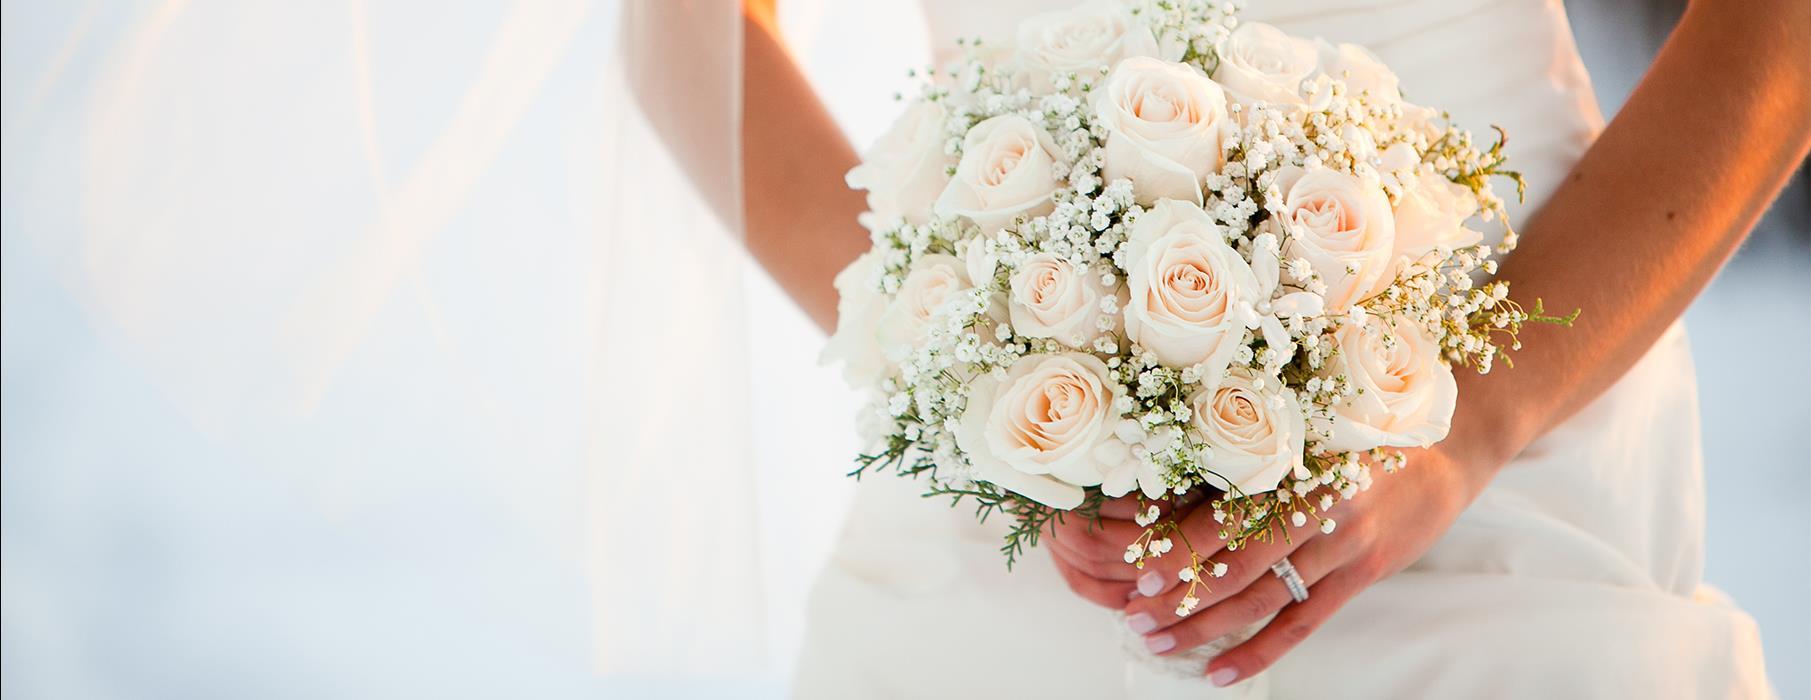 Bouquet Sposa Elegantissimo.Bon Ton Della Sposa Alcune Regole Per Essere Una Sposa Elegante E